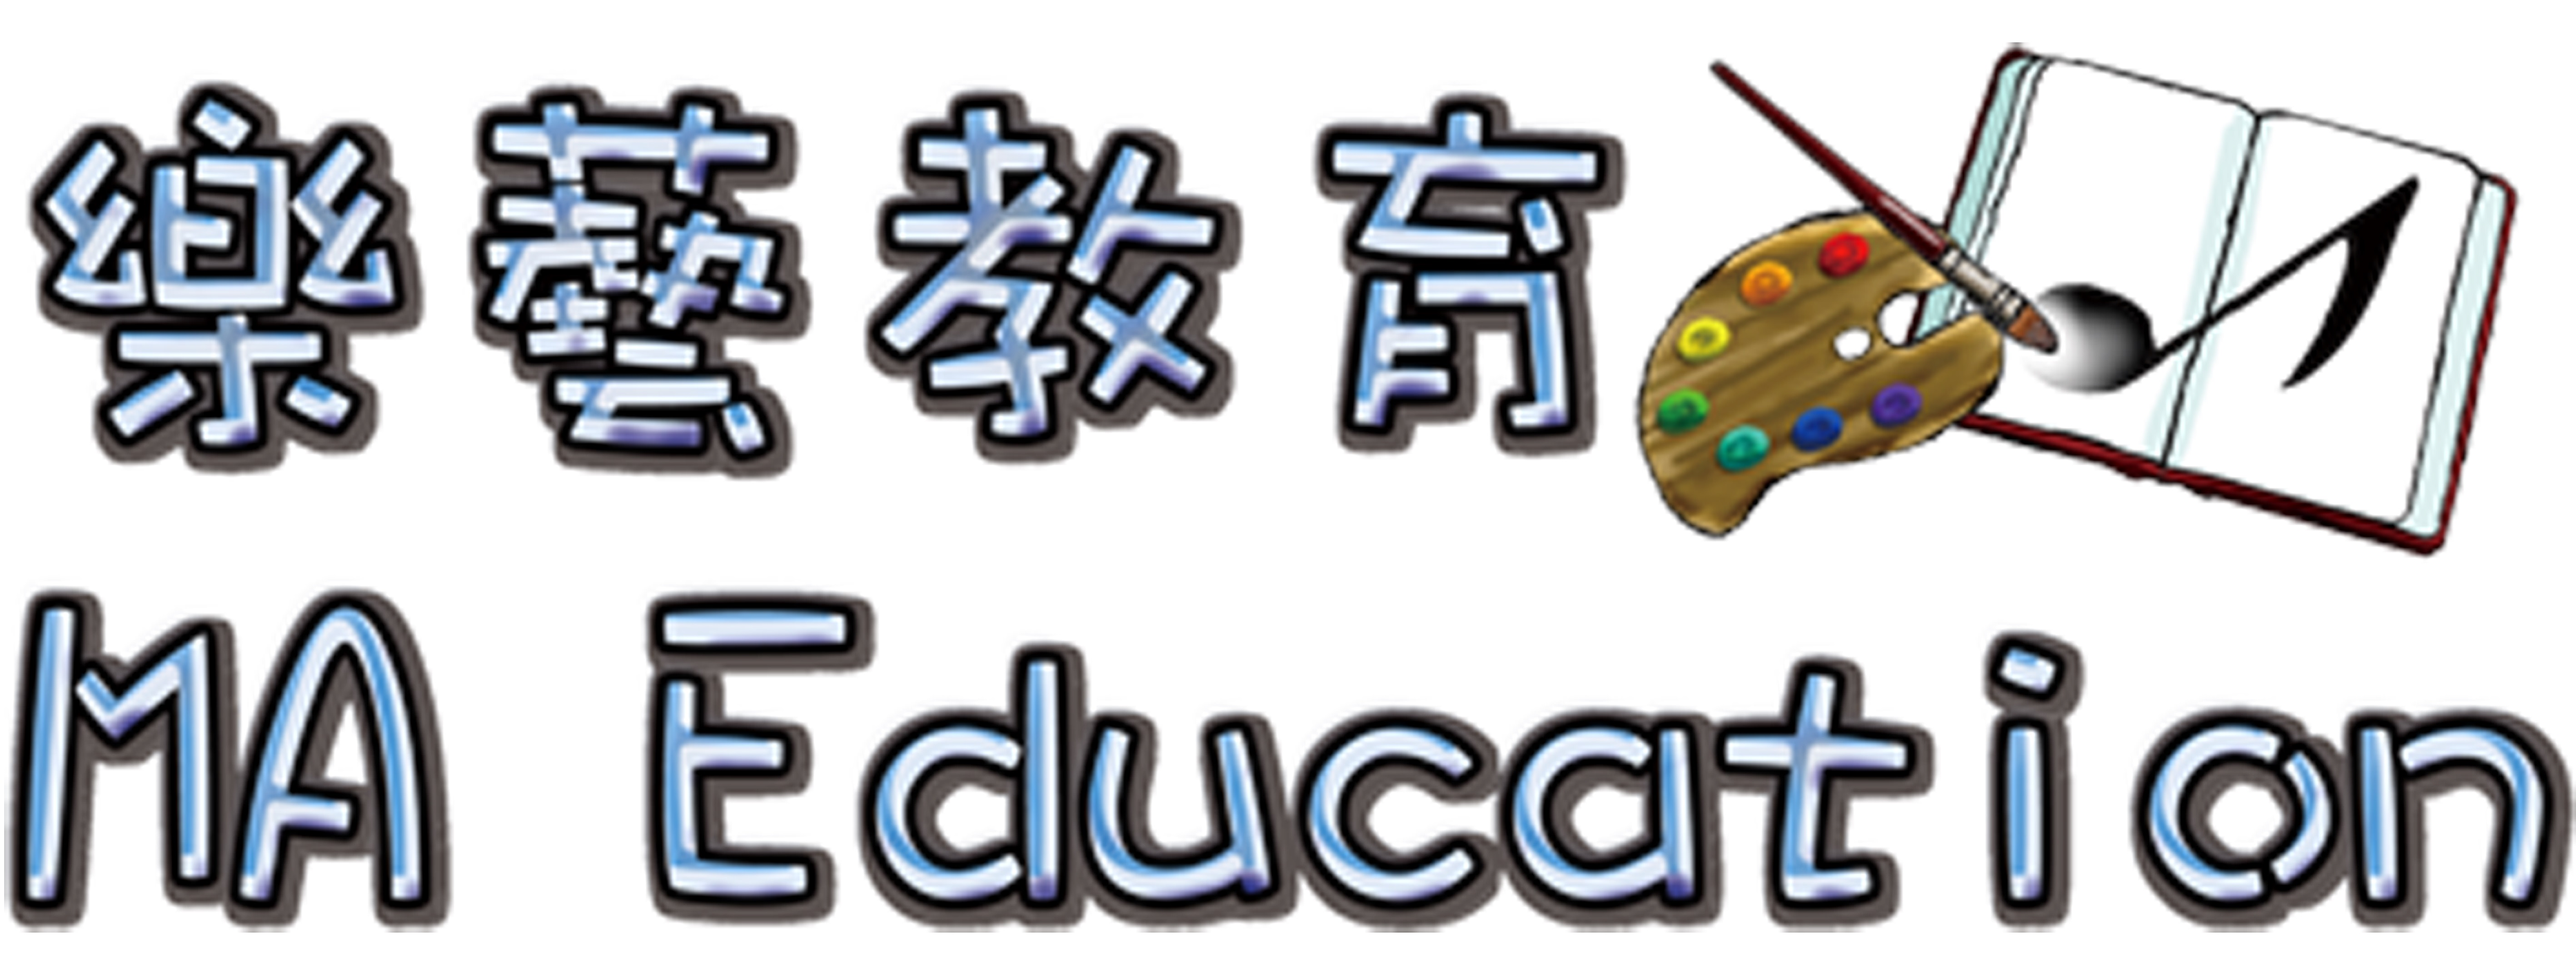 樂藝教育 (MA Education).jpg